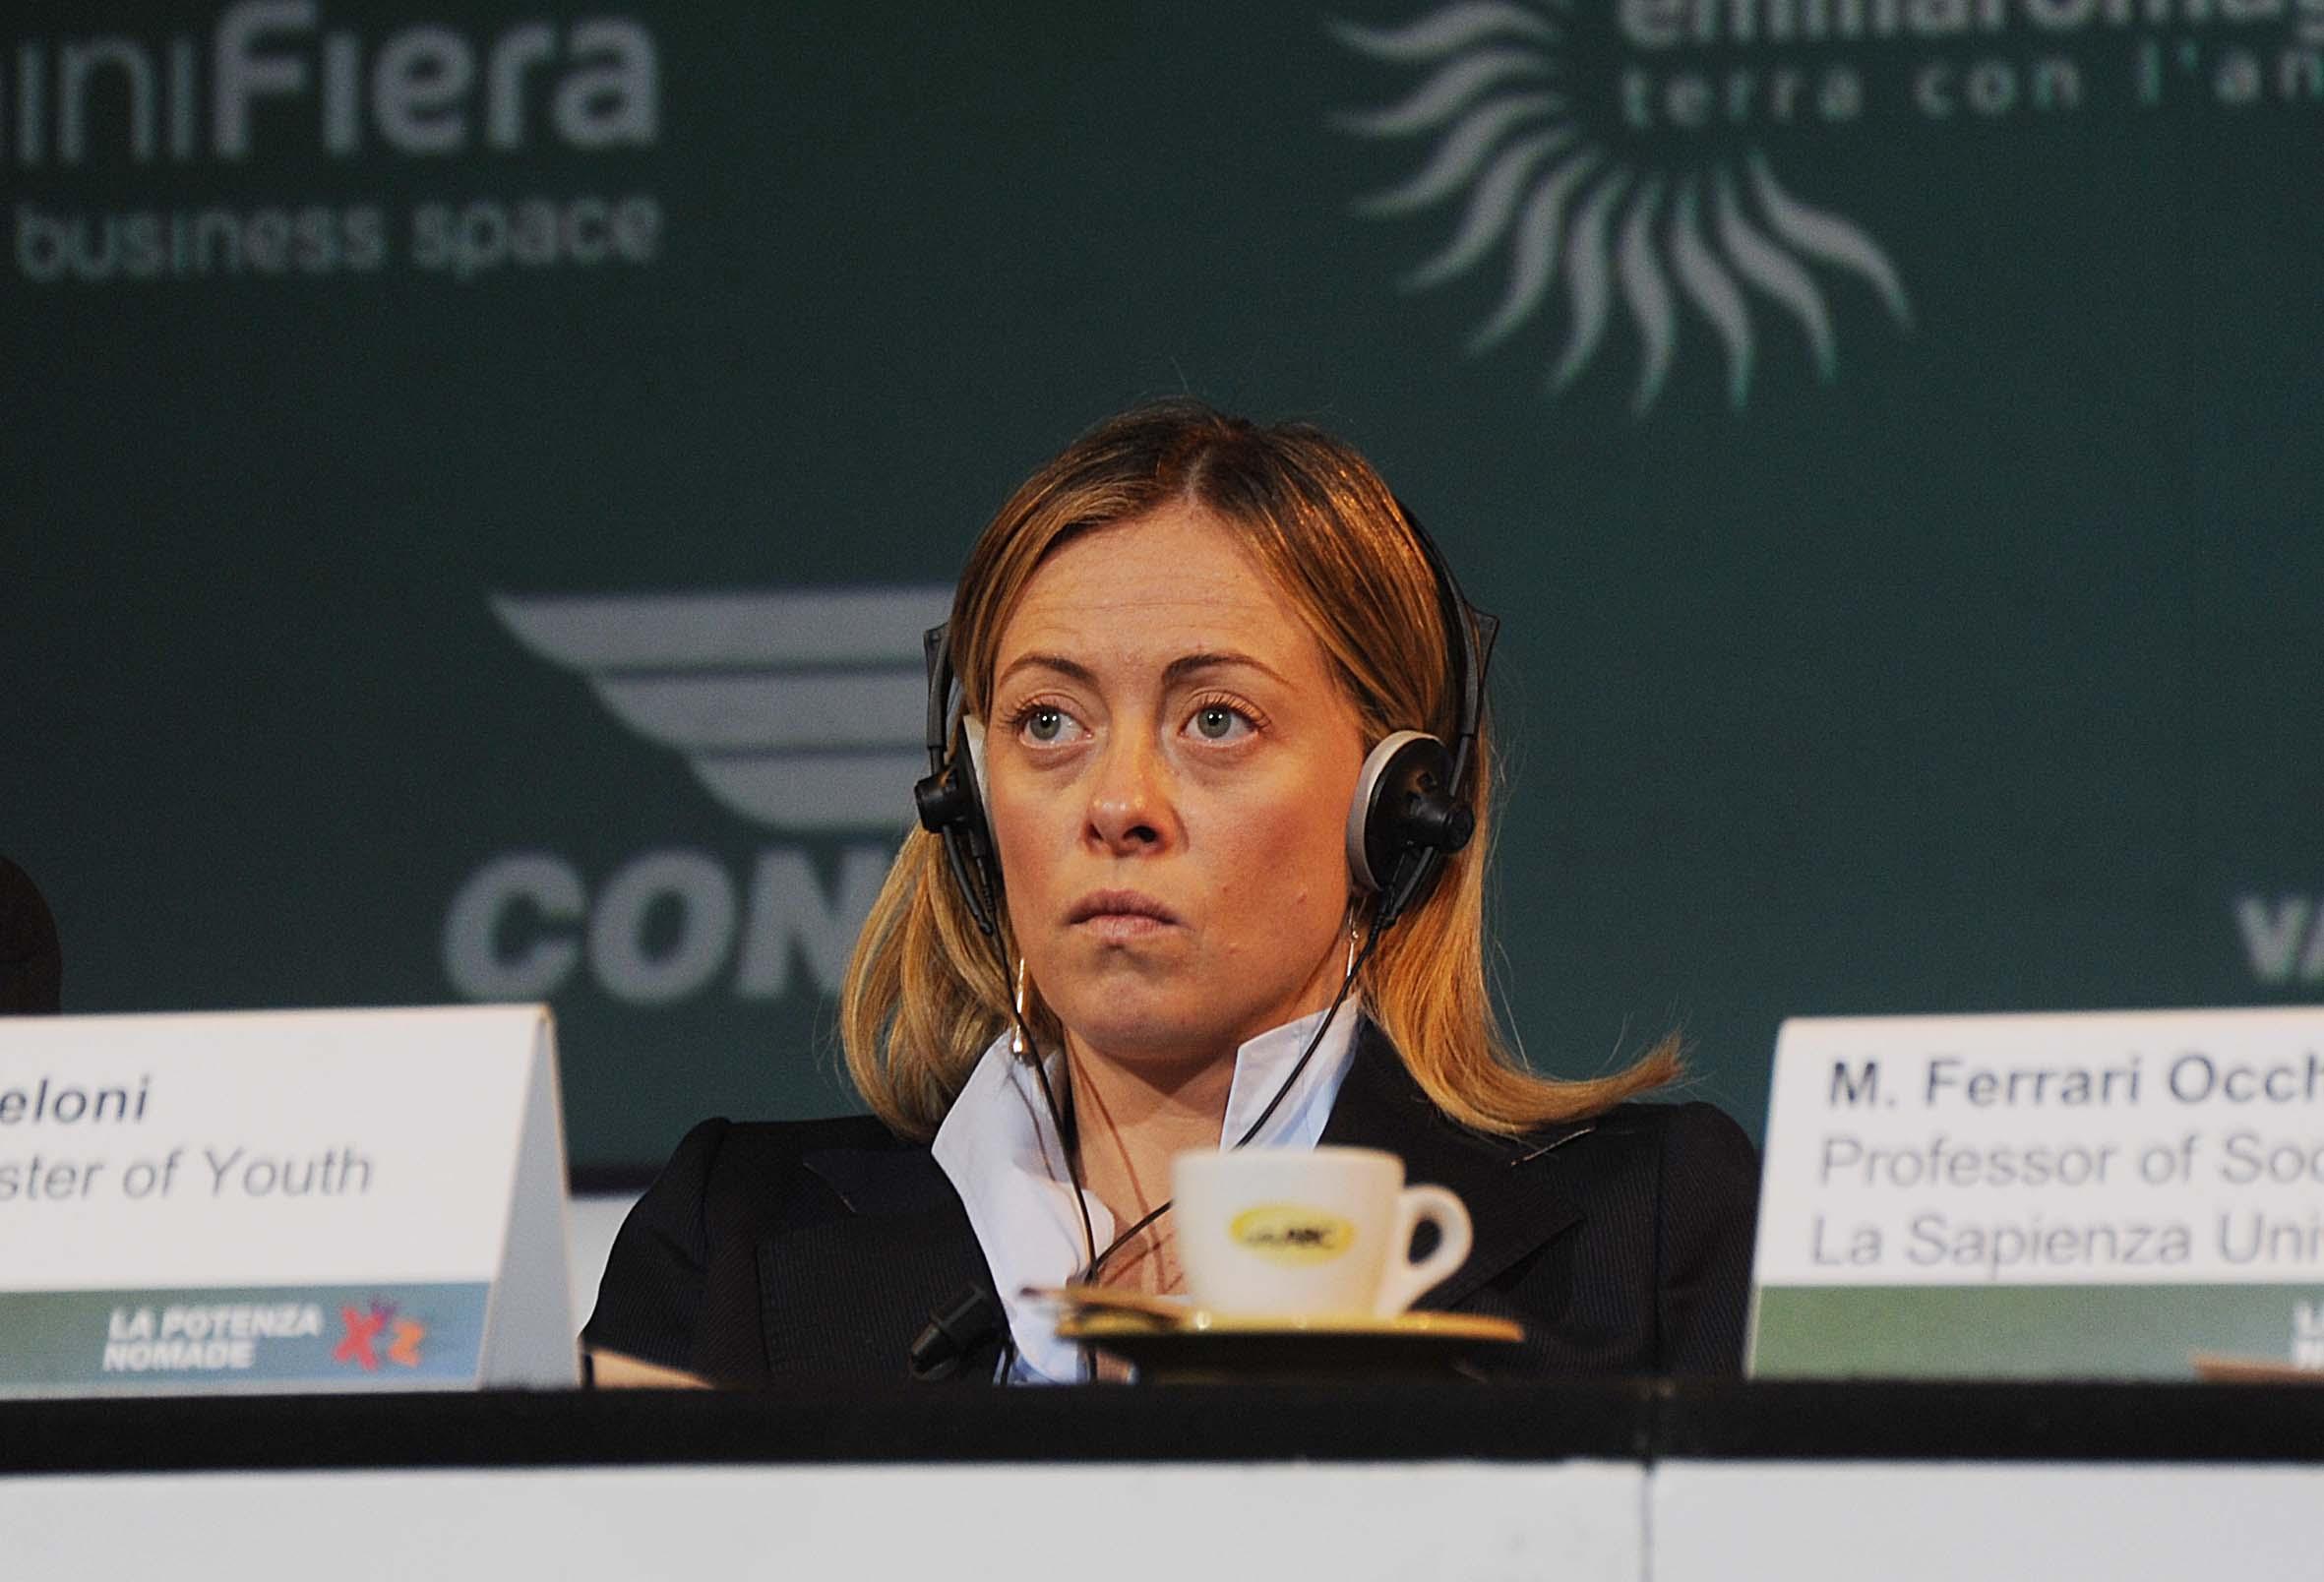 Elezioni, a Forlì il presidente di Fratelli d'Italia Giorgia Meloni